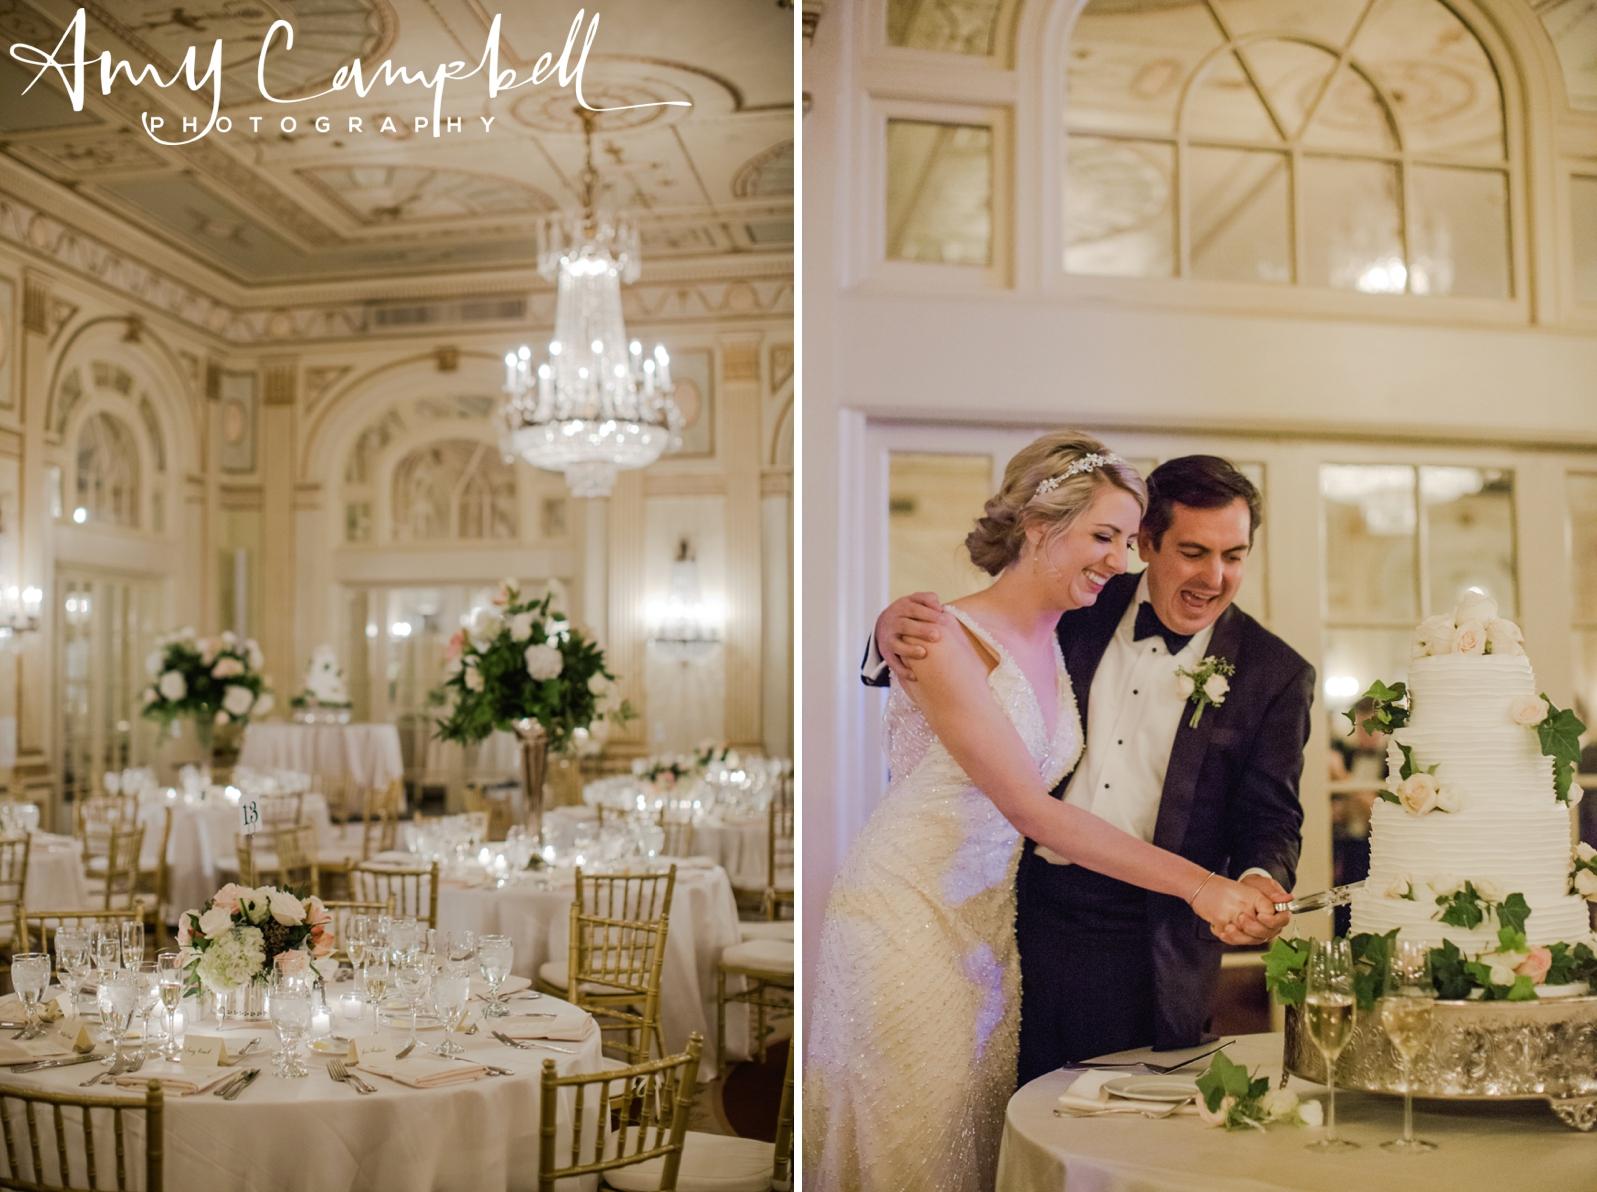 emmakyle_wedding_fb_amycampbellphotography_0042.jpg